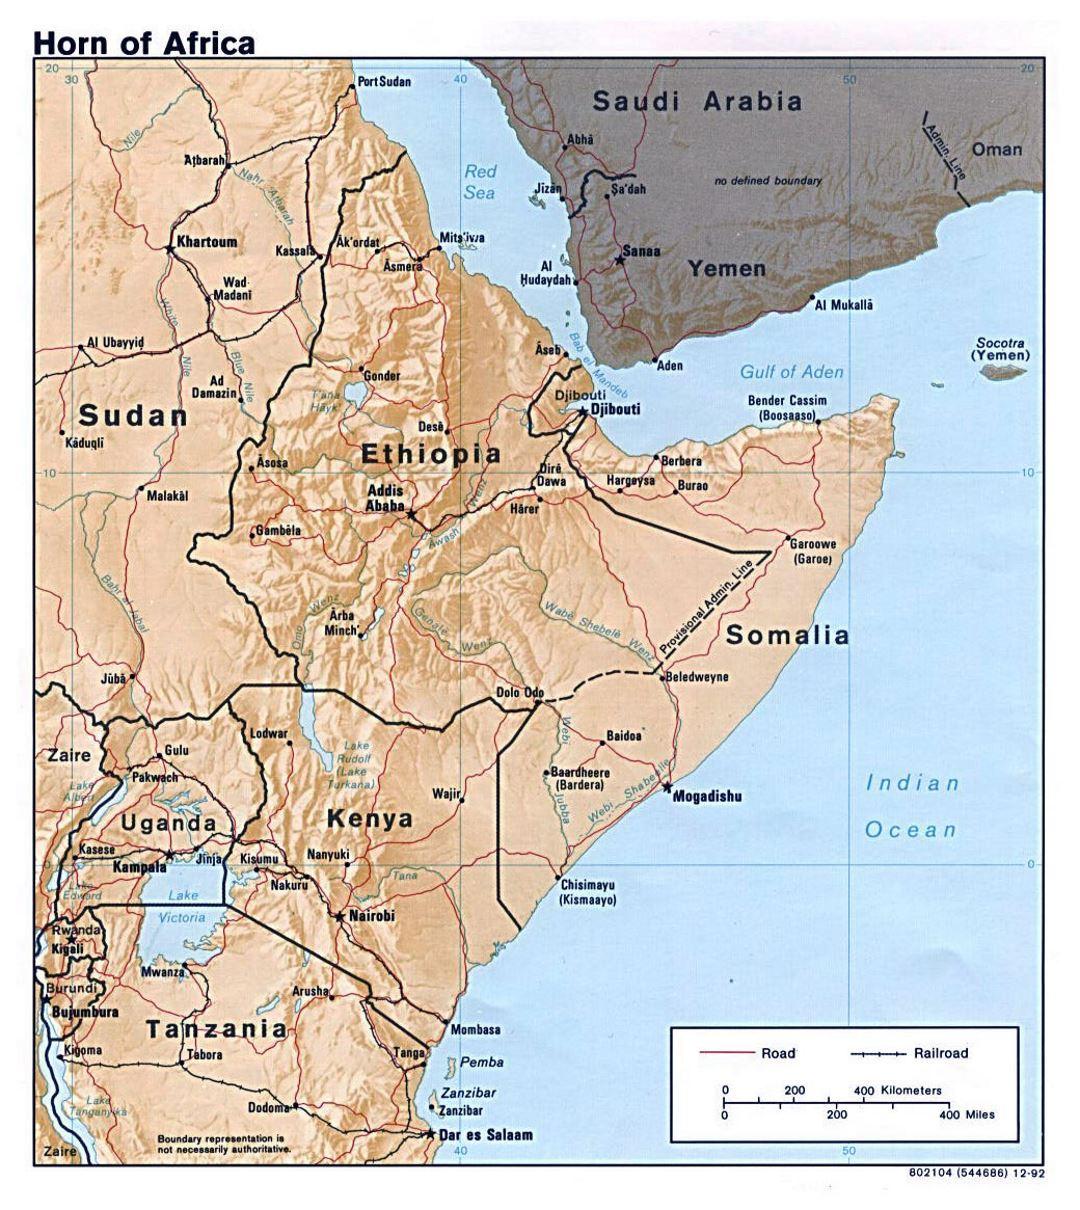 Cuerno De Africa Mapa.Mapa Politico Grande Del Cuerno De Africa Con Alivio 1992